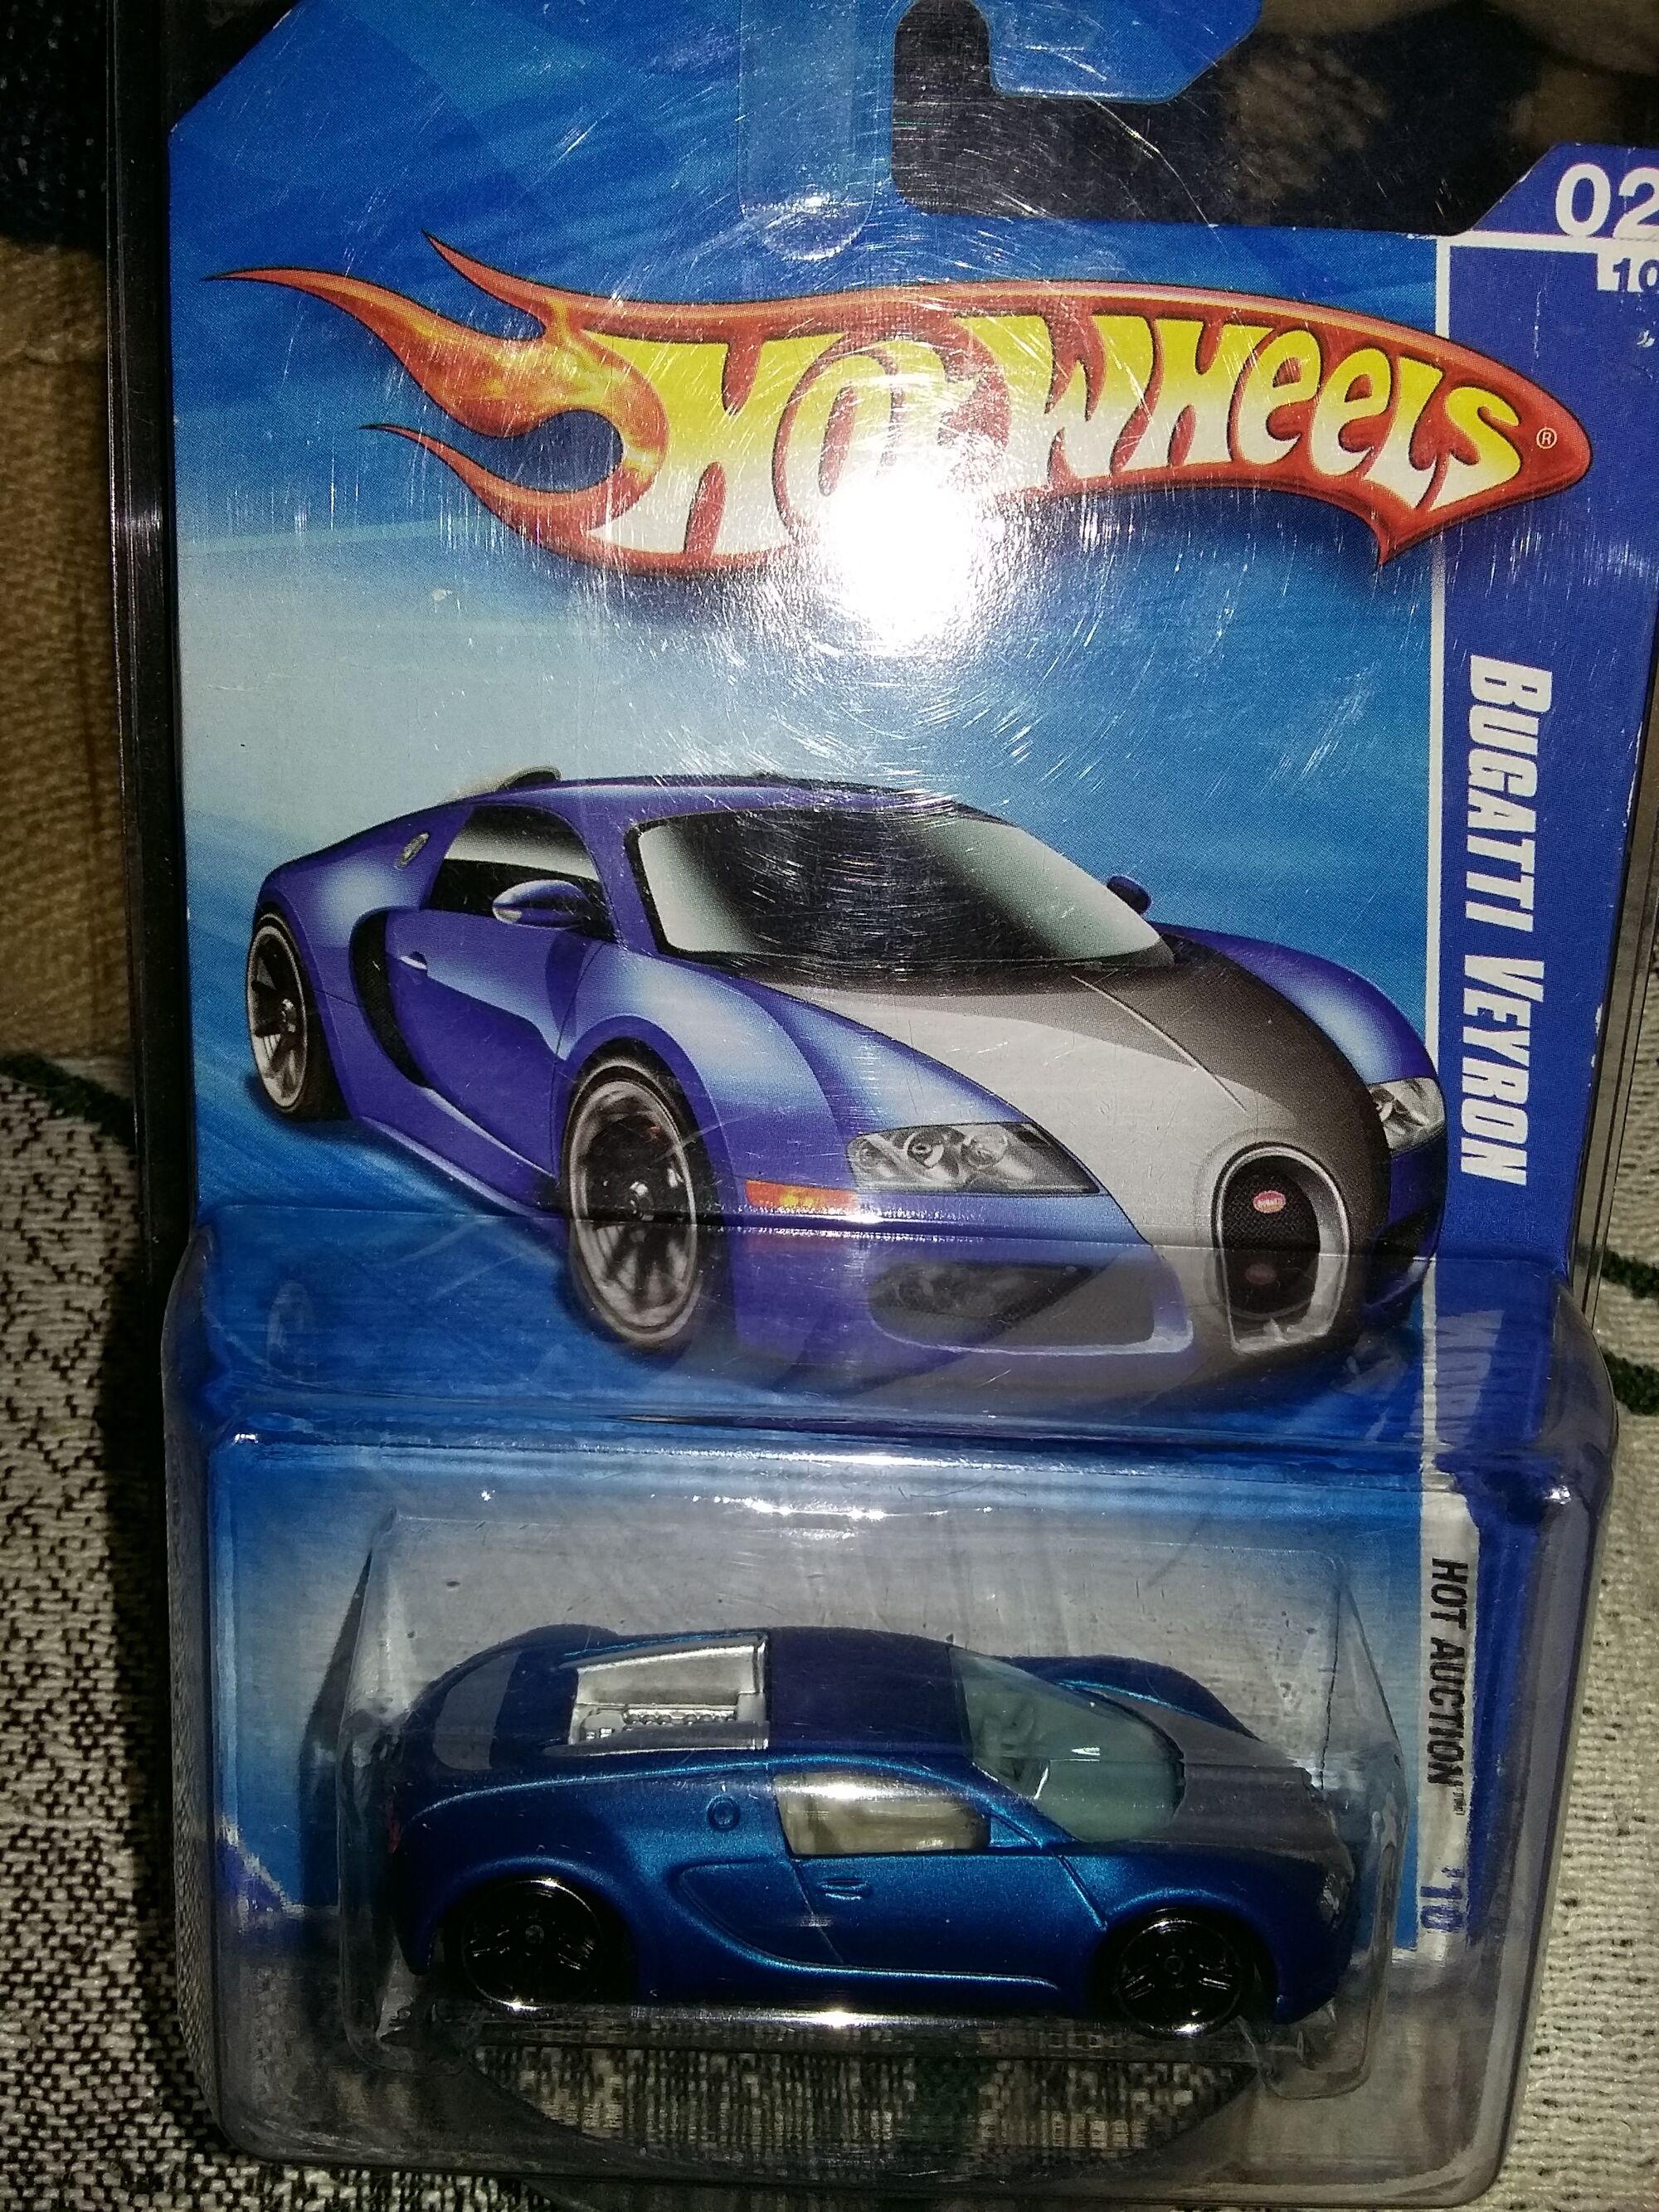 2000?cb=20150406054504 Elegant Bugatti Veyron toy Car Hot Wheels Cars Trend